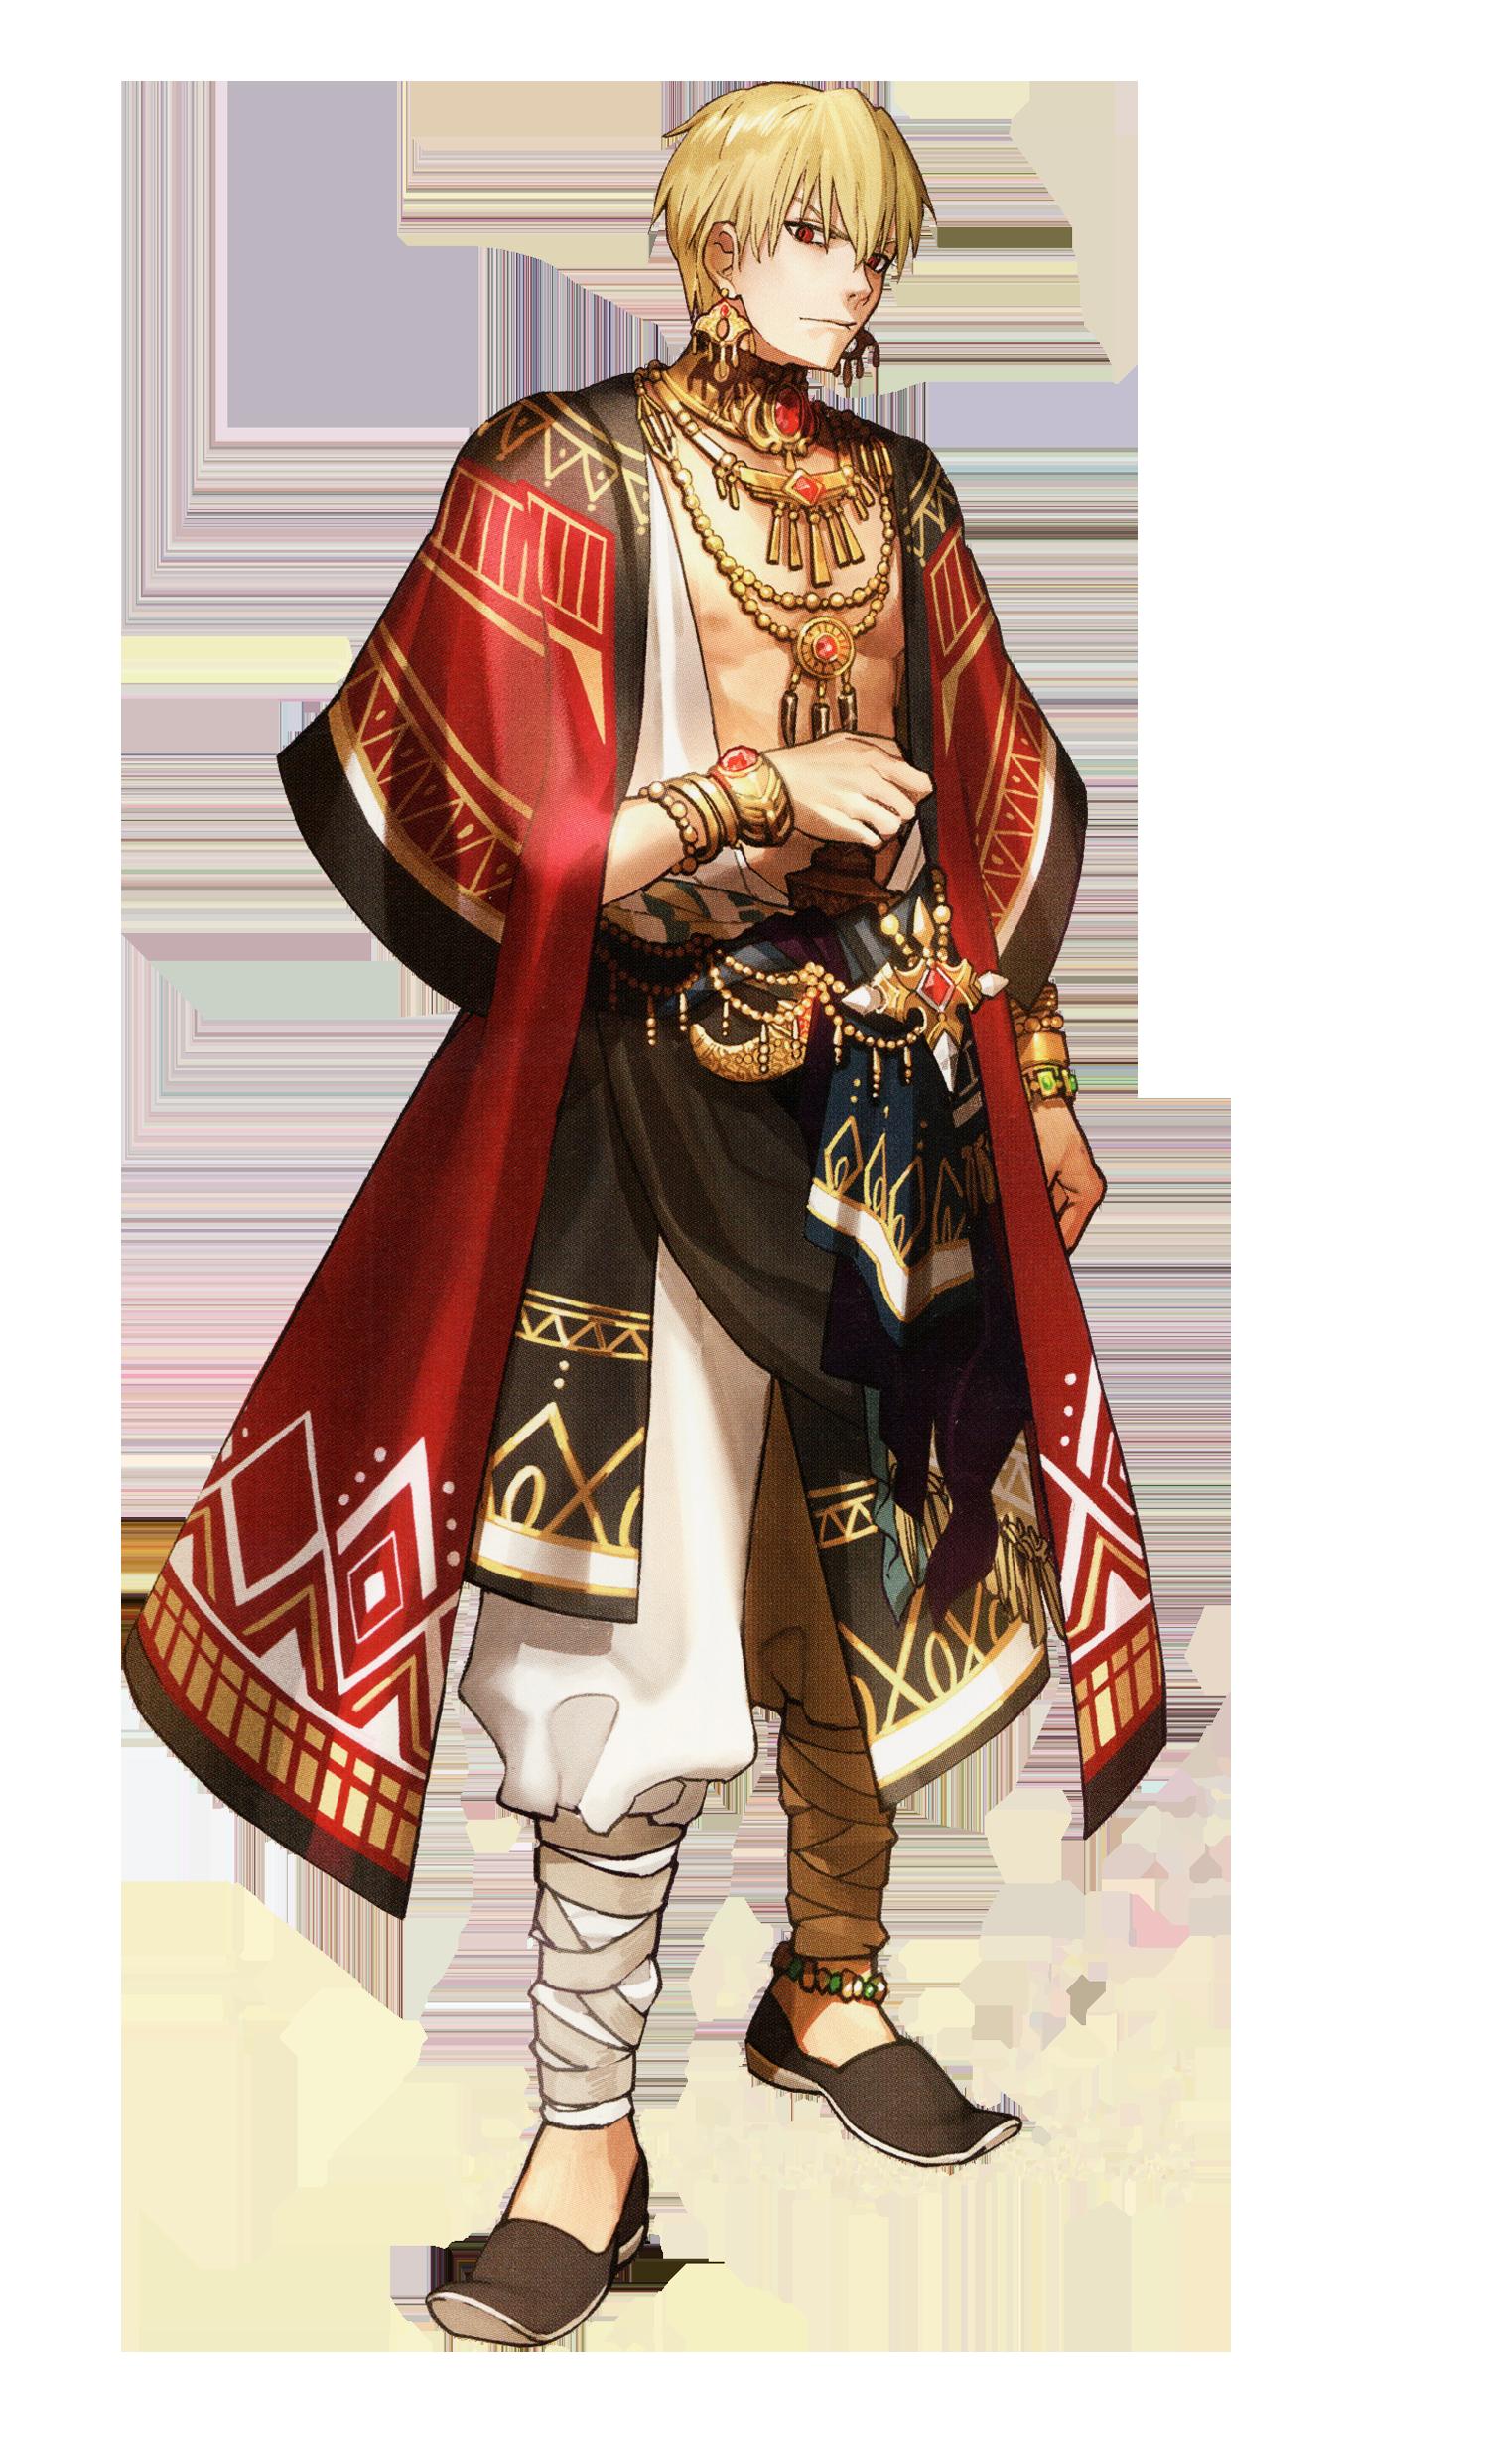 https://vignette.wikia.nocookie.net/typemoon/images/1/12/Gilgamesh_Uruk_costume.png